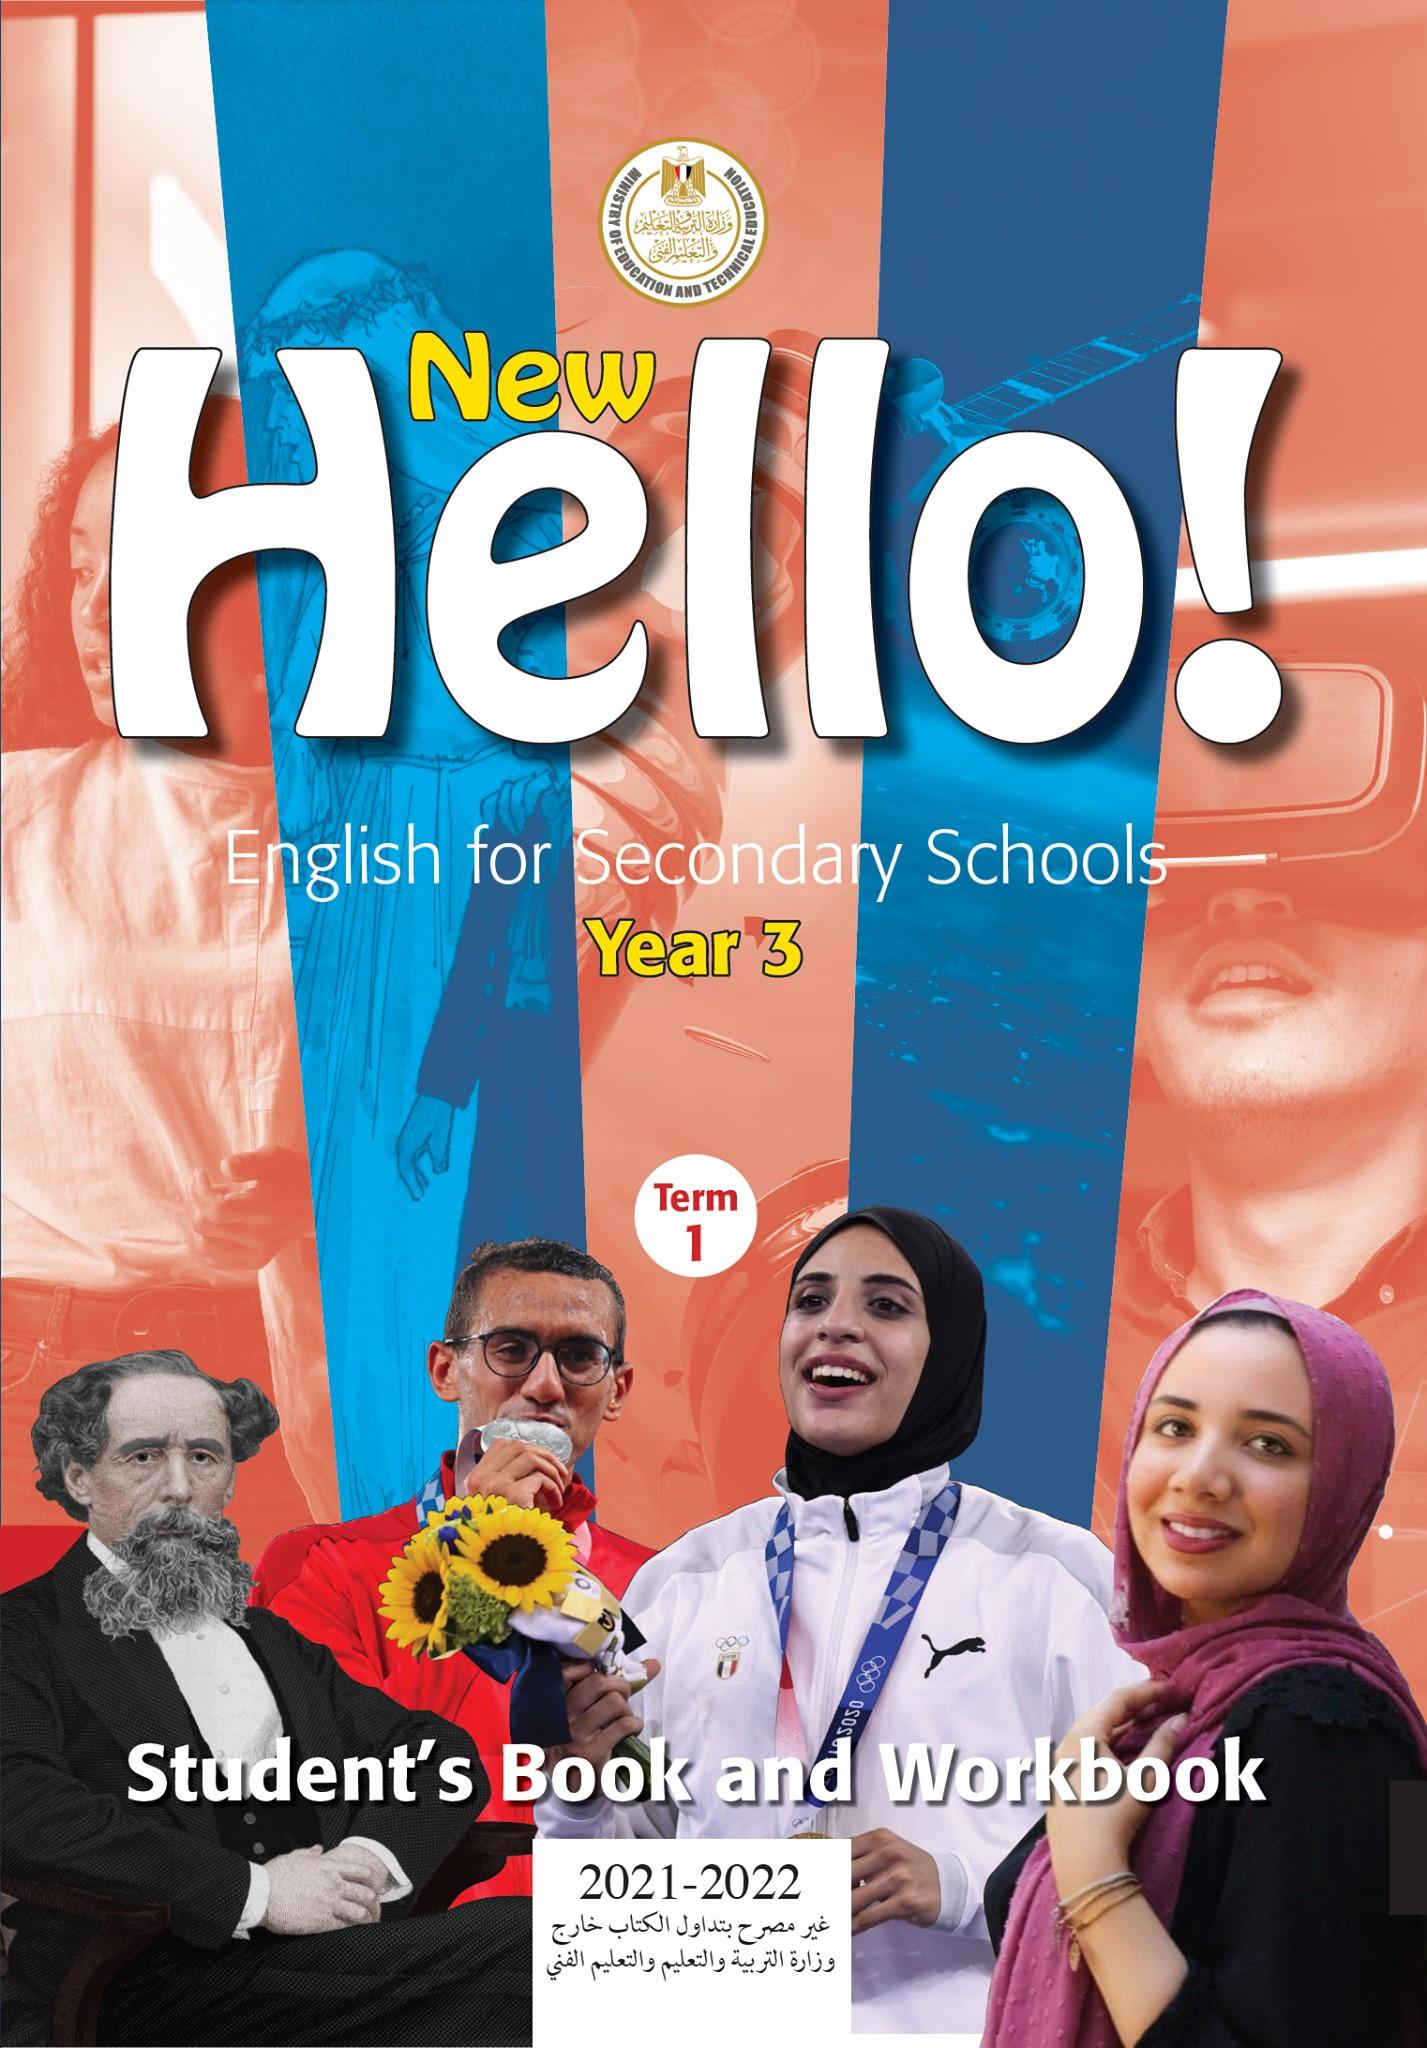 كتاب الطالب SB&WB بعد التعديل للصف الثالث الثانوى المنهج الجديد الترم الأول 2022